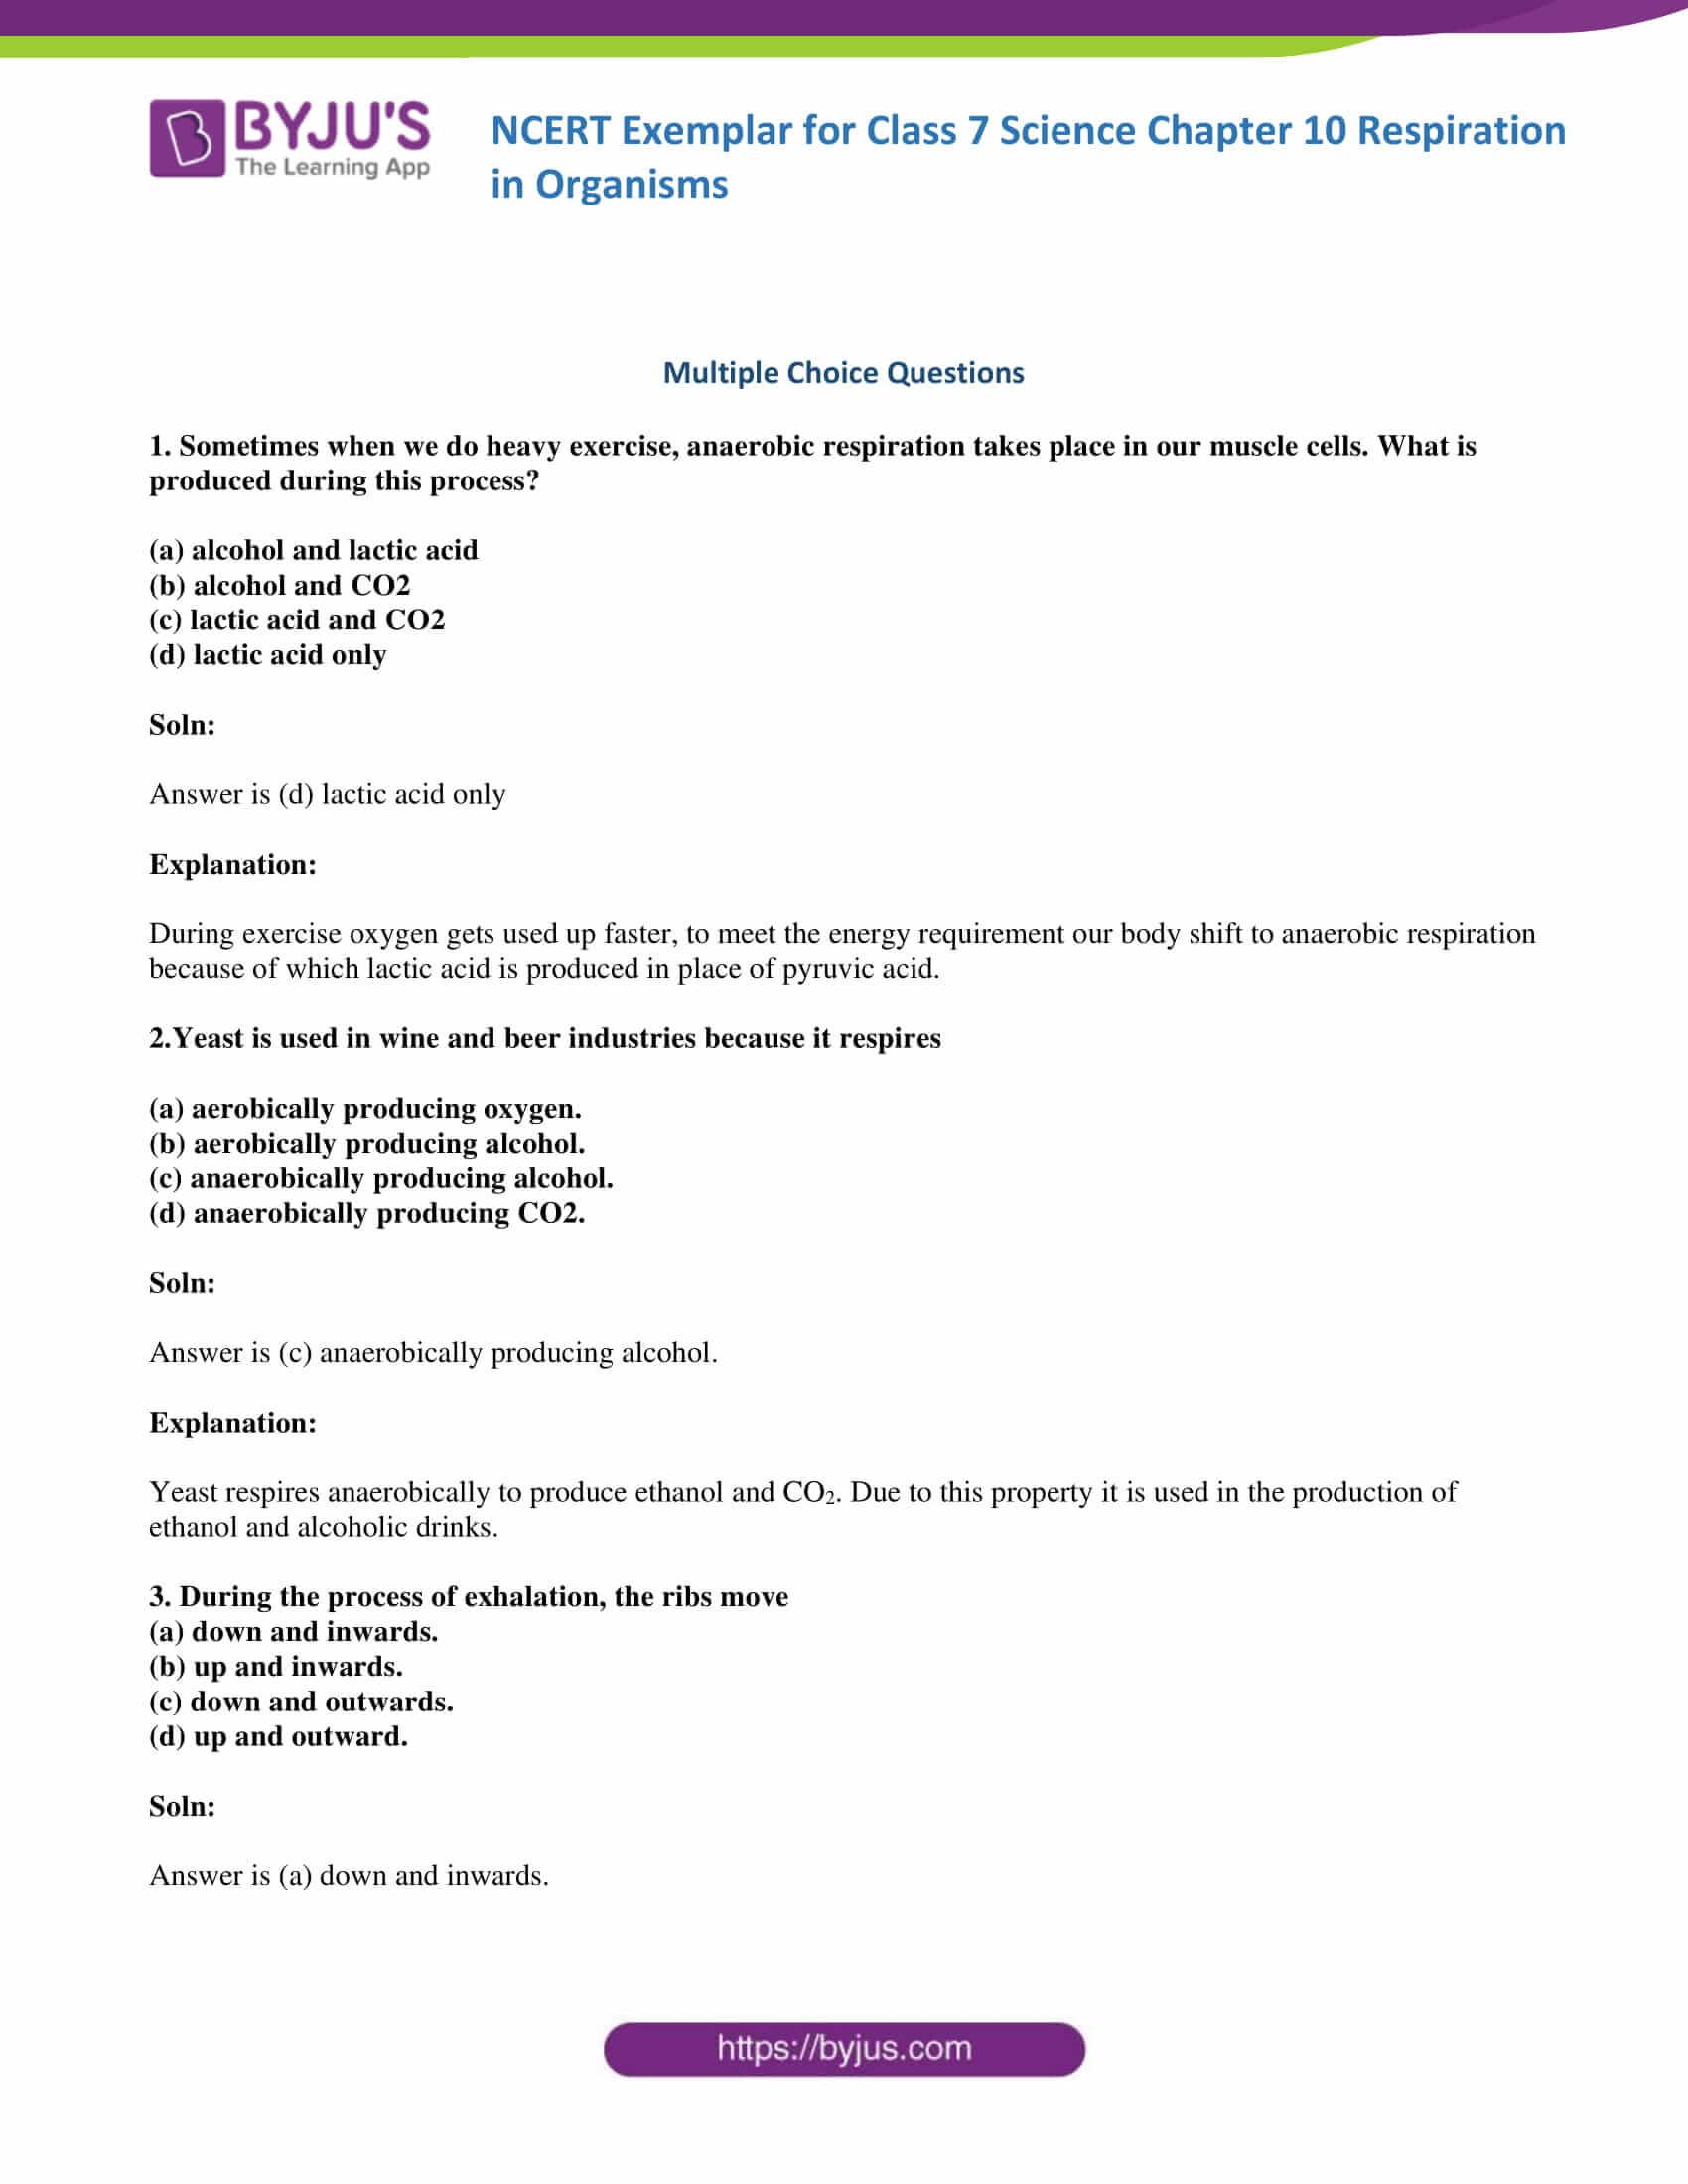 NCERT Exemplar solution class 7 science Chapter 10 1